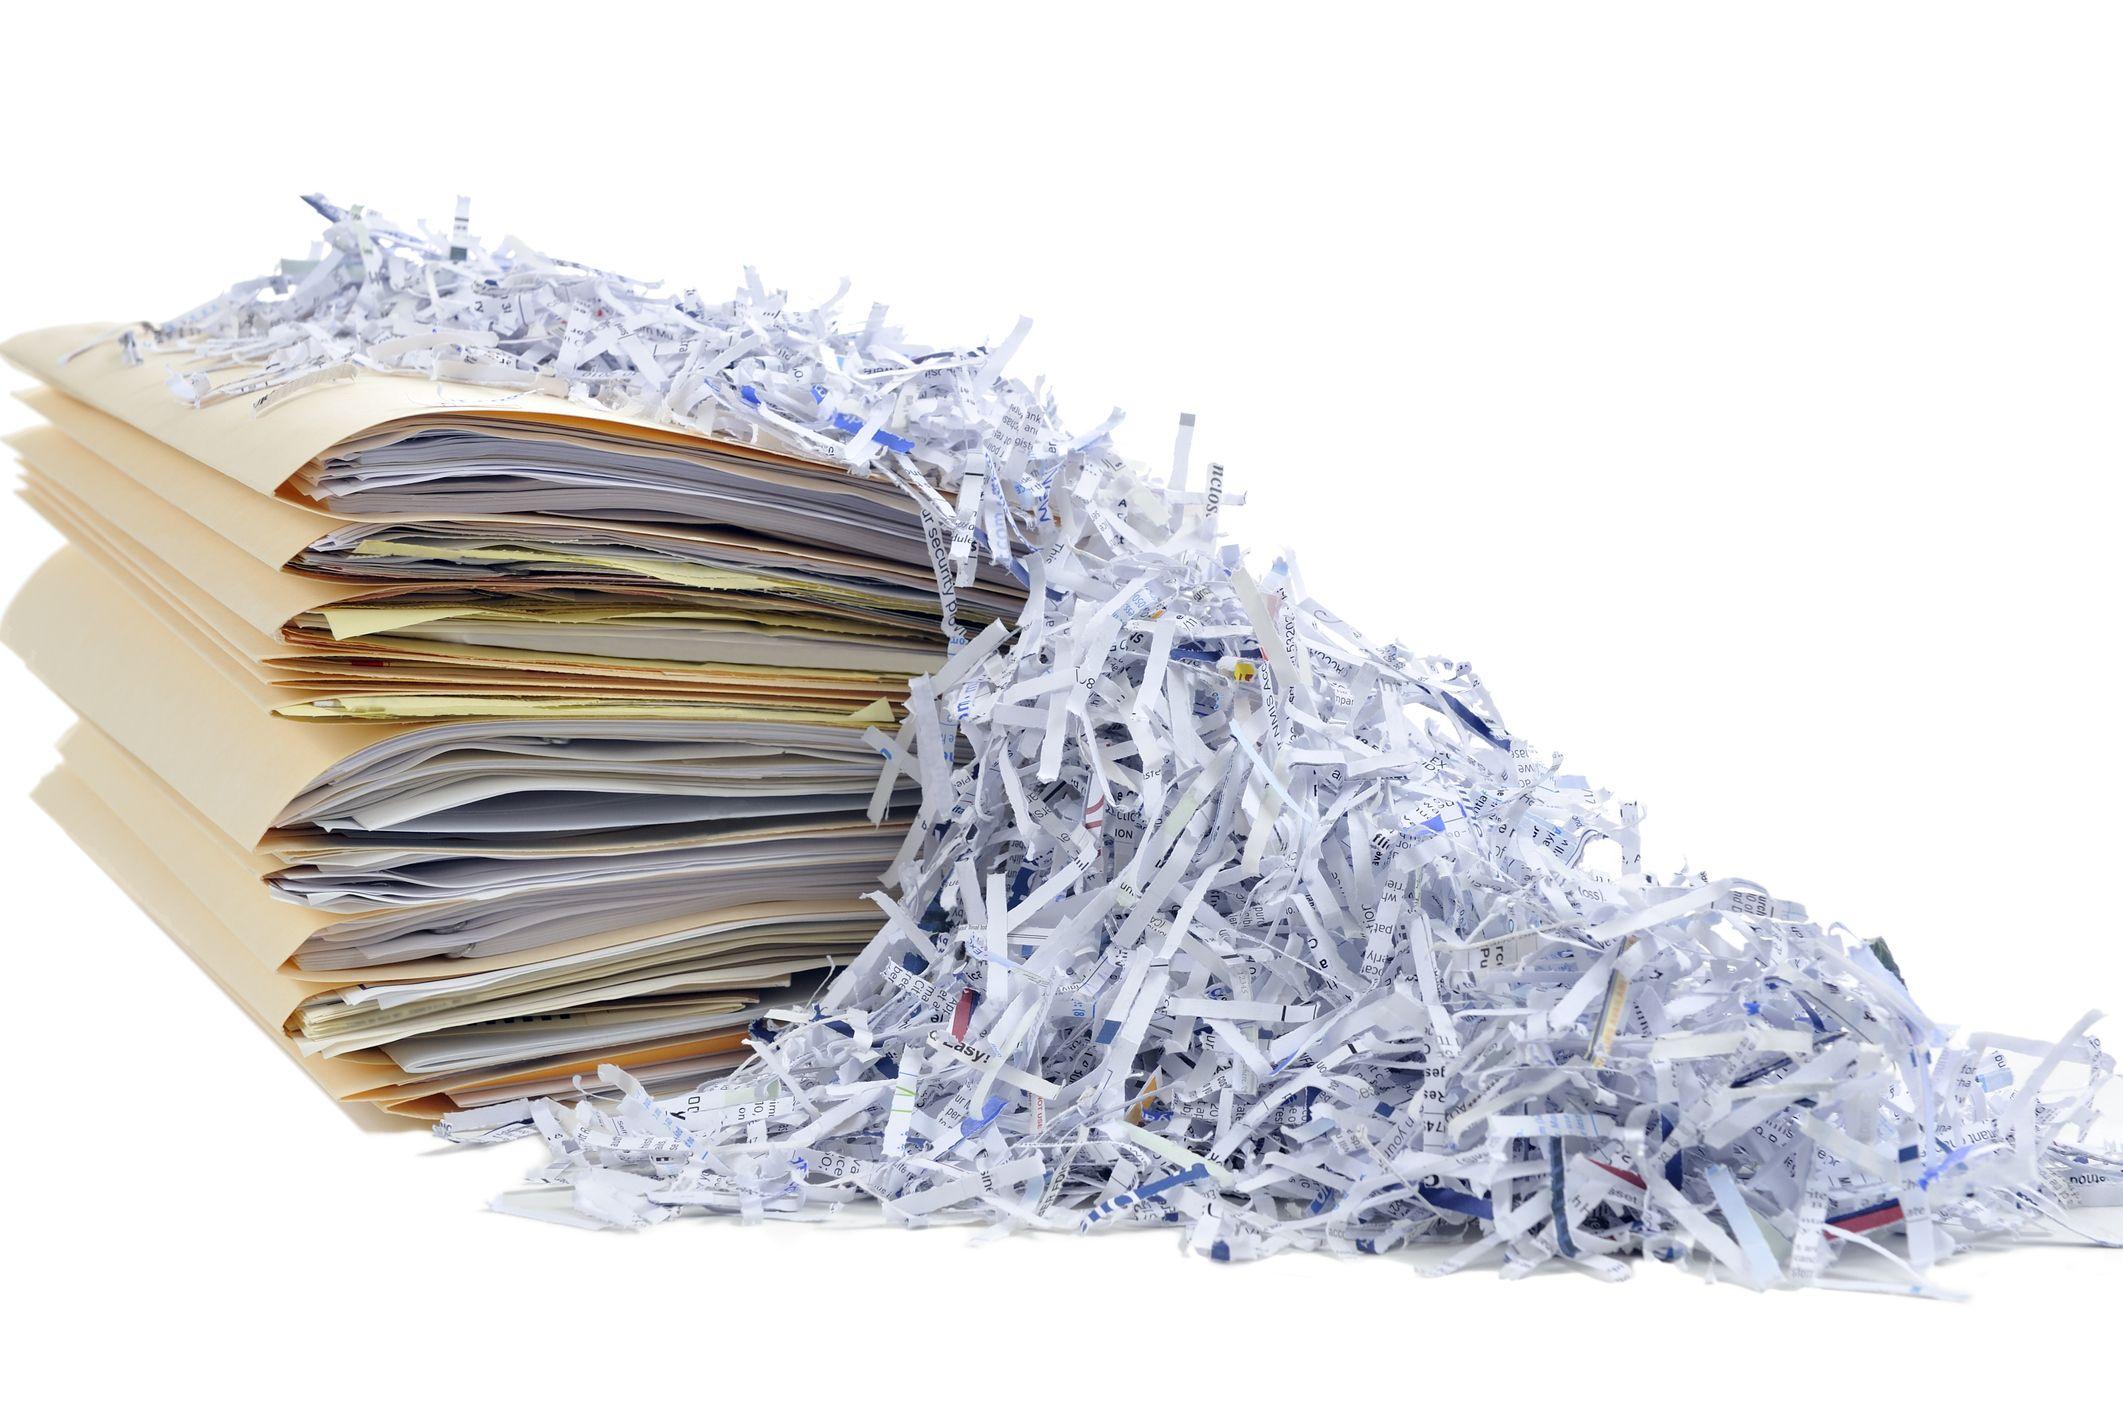 Destrucción de documentos confidenciales en Málaga